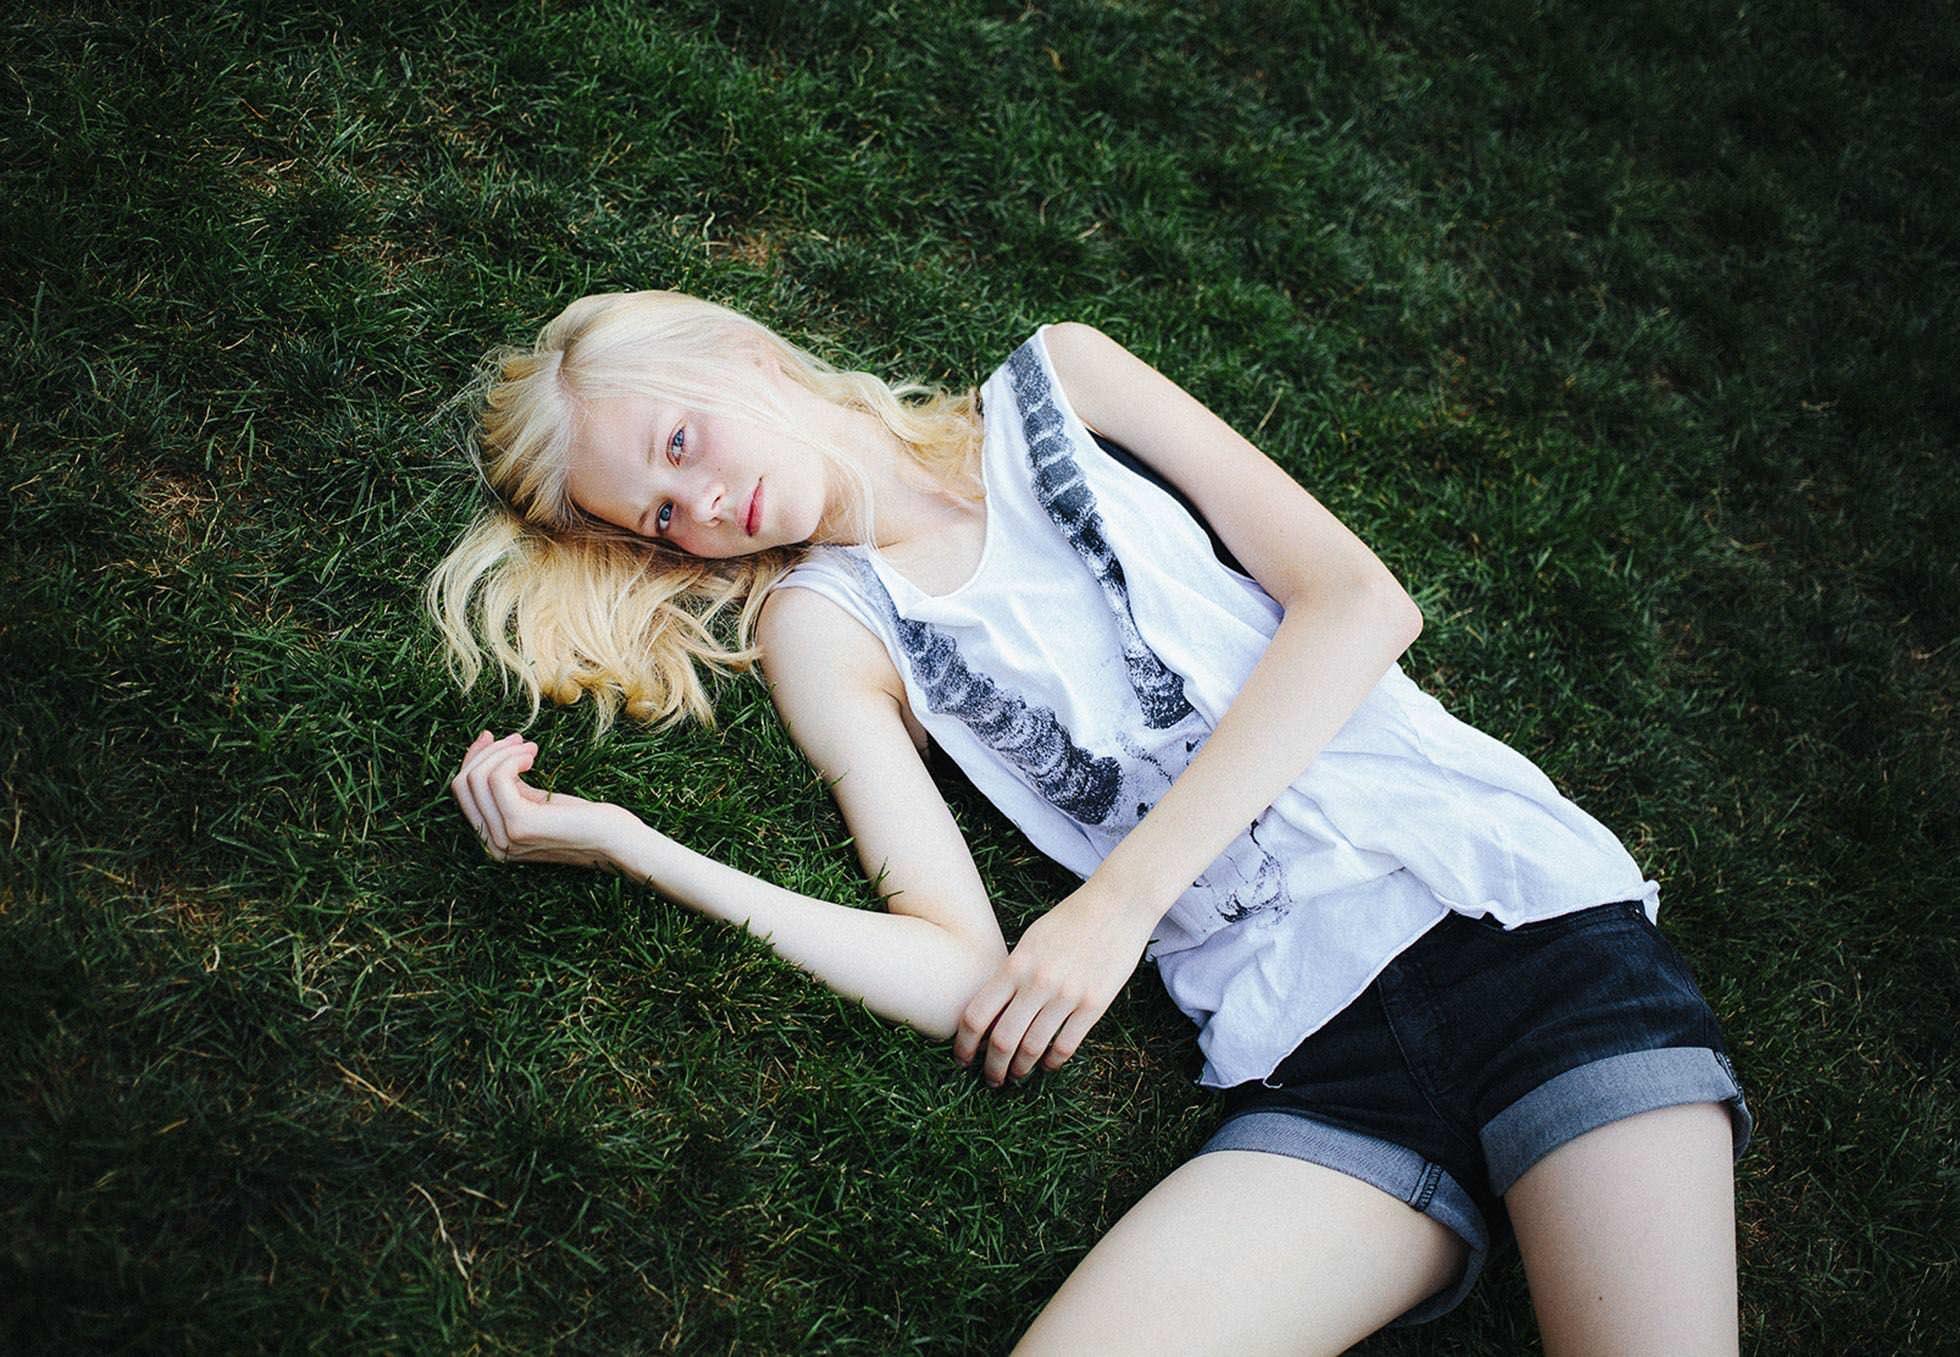 【外人】デンマークの妖精アメリー·シュミット(Amalie Schmidt)が異常な程可愛いポルノ画像 7123